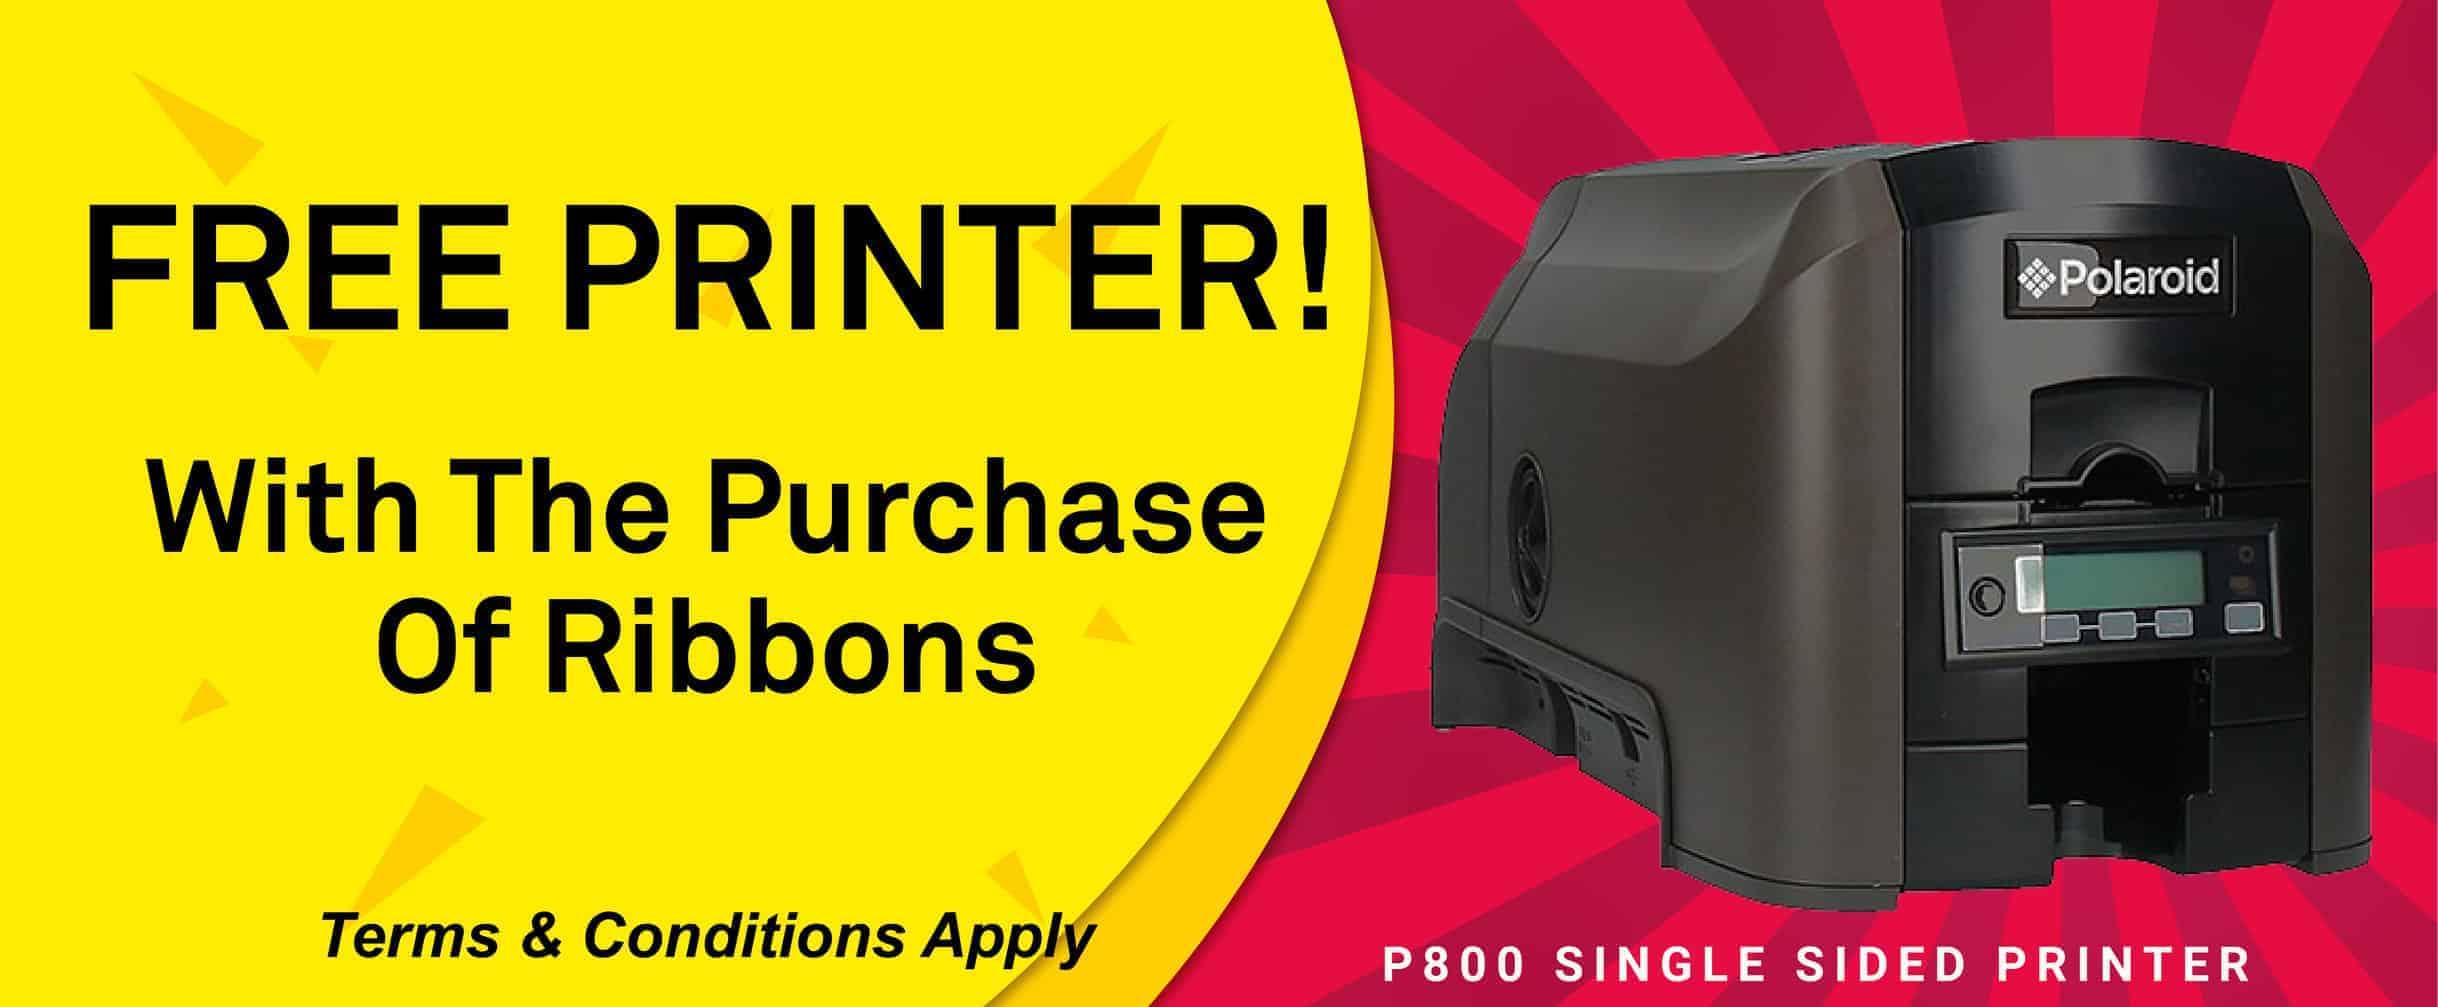 rsz_web_free_printer1-min